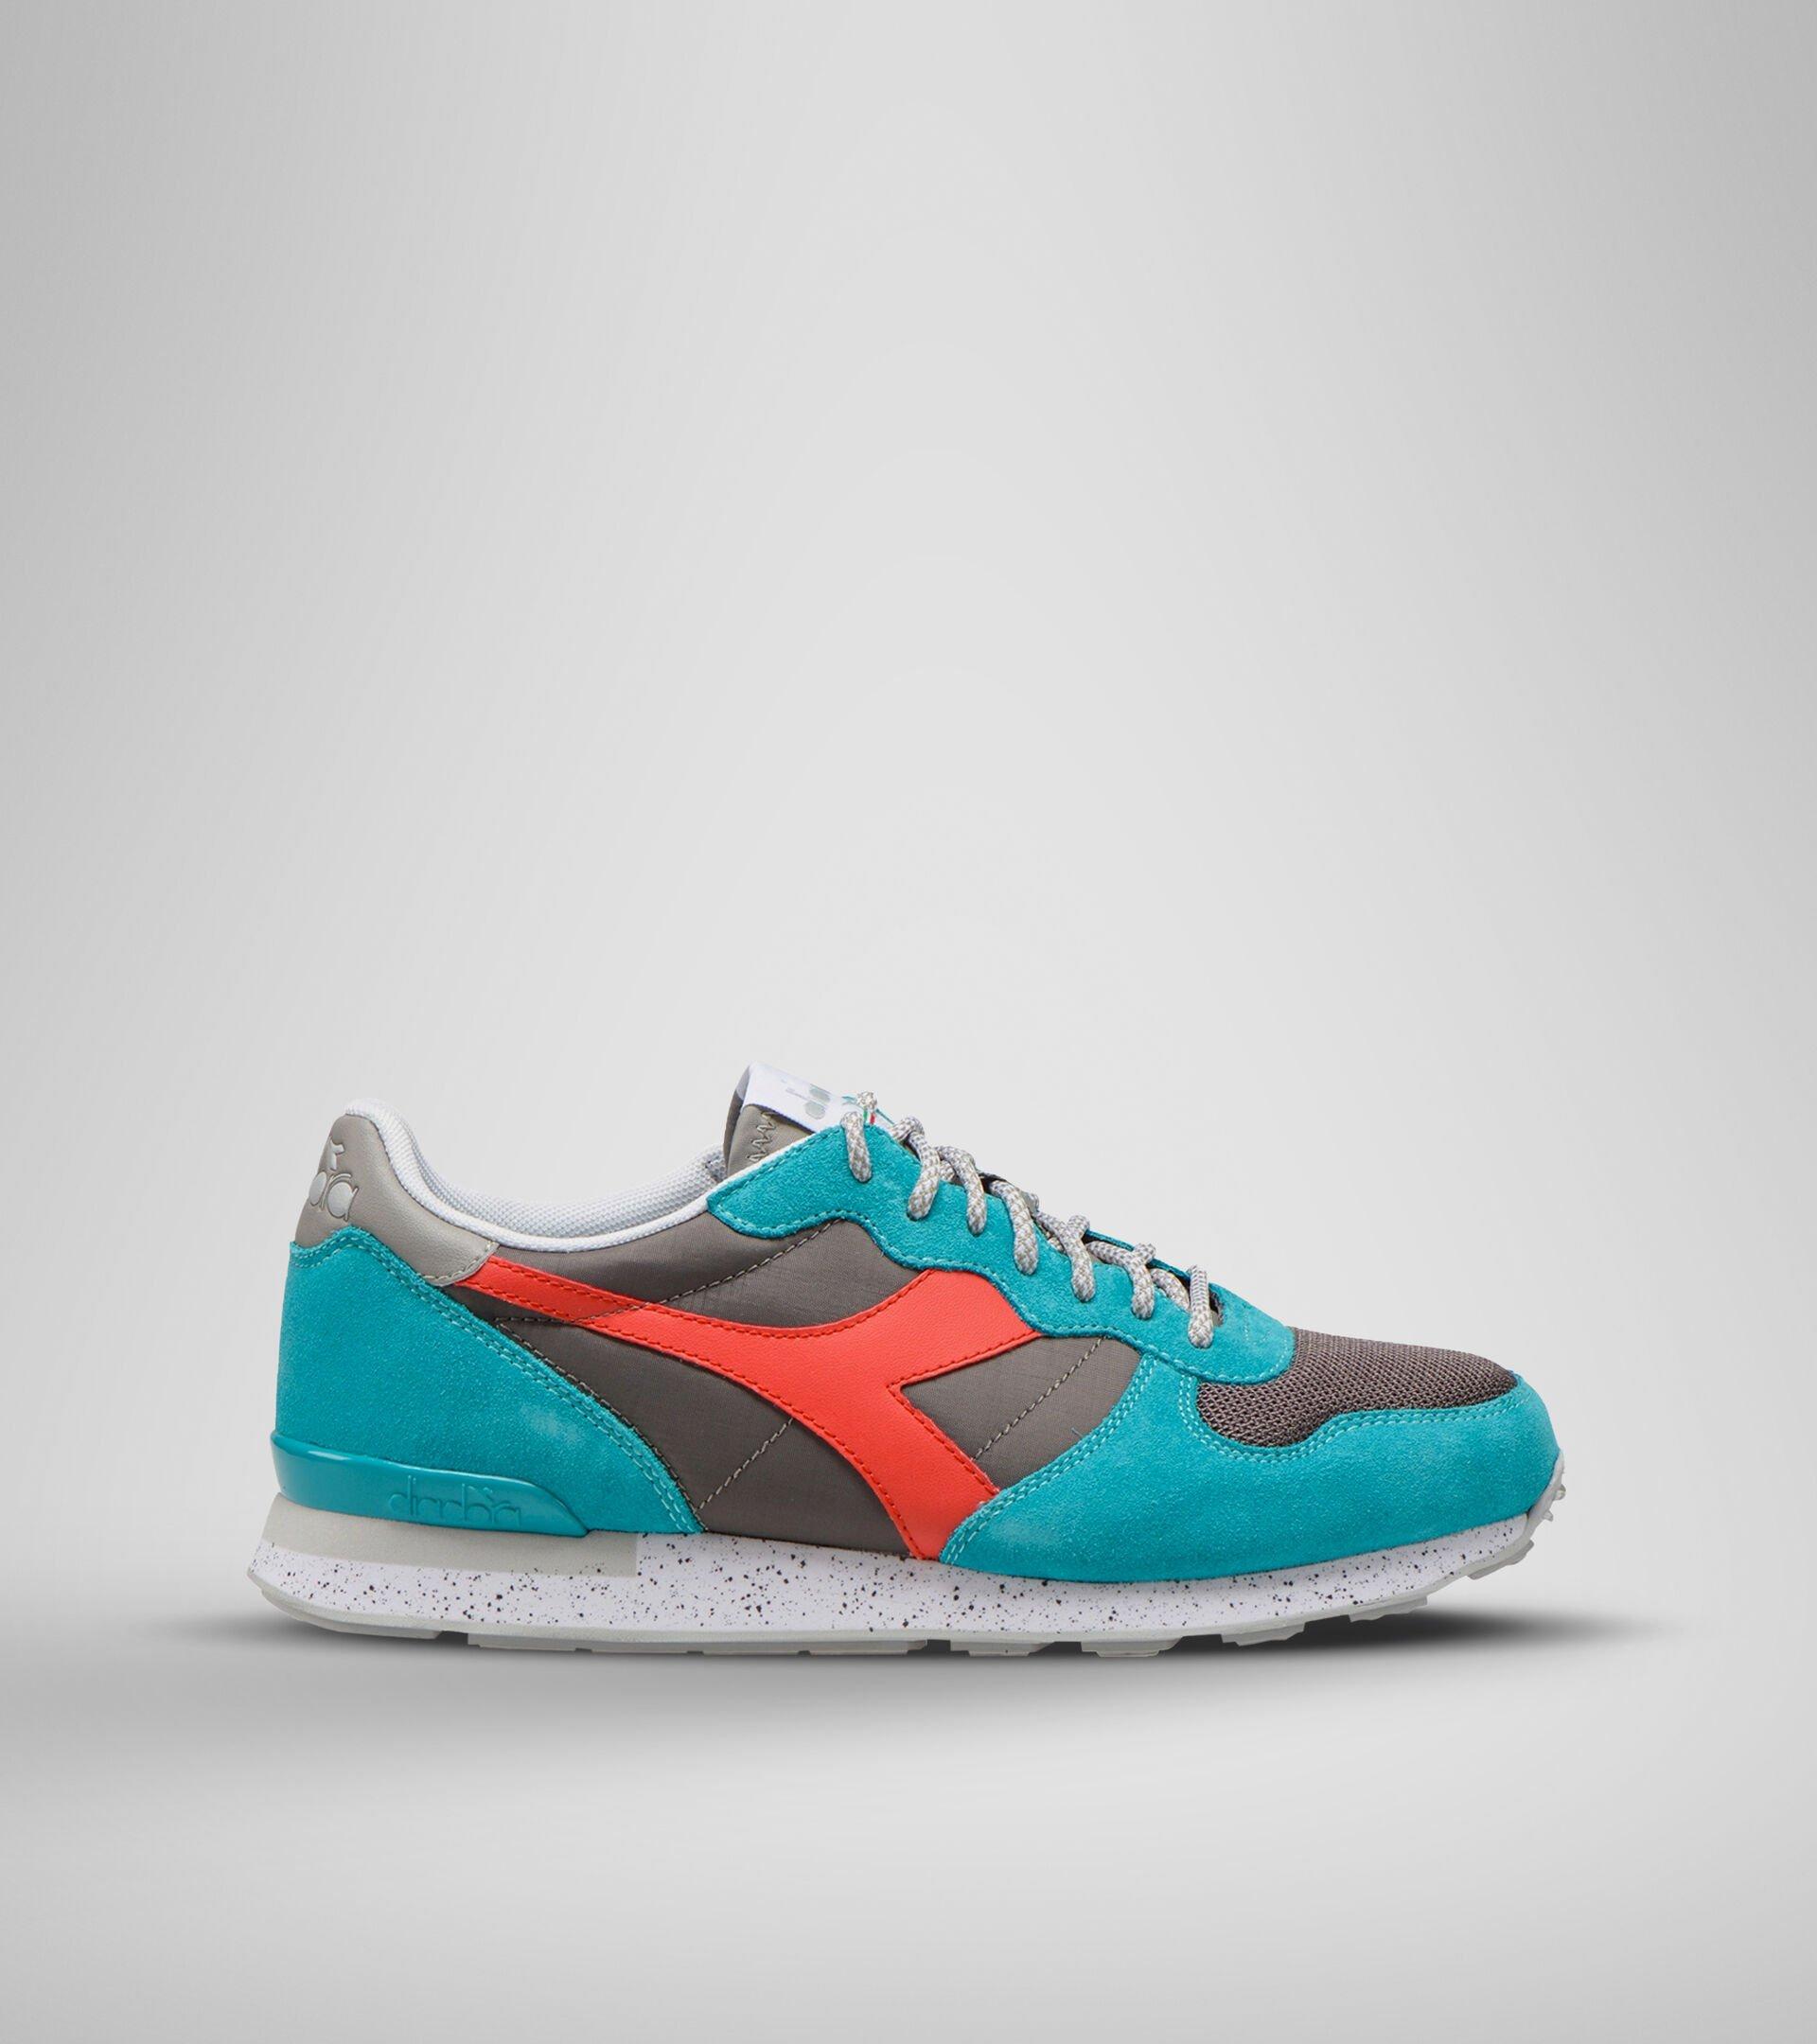 Footwear Sportswear UNISEX CAMARO OUTDOOR VIRIDIAN GRN/CAYENNE/EIFFEL TO Diadora